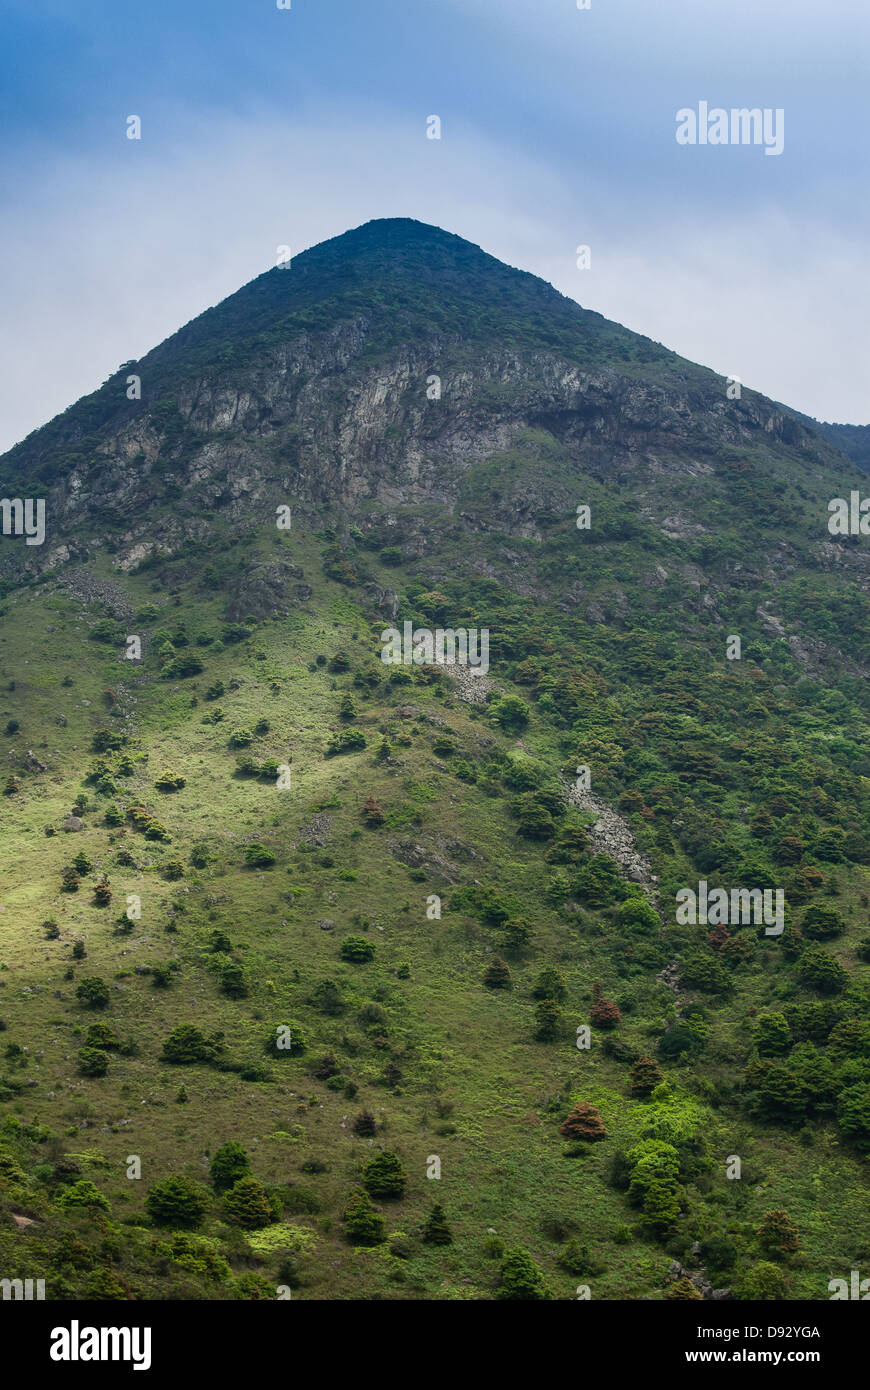 Lantau Peak - Stock Image